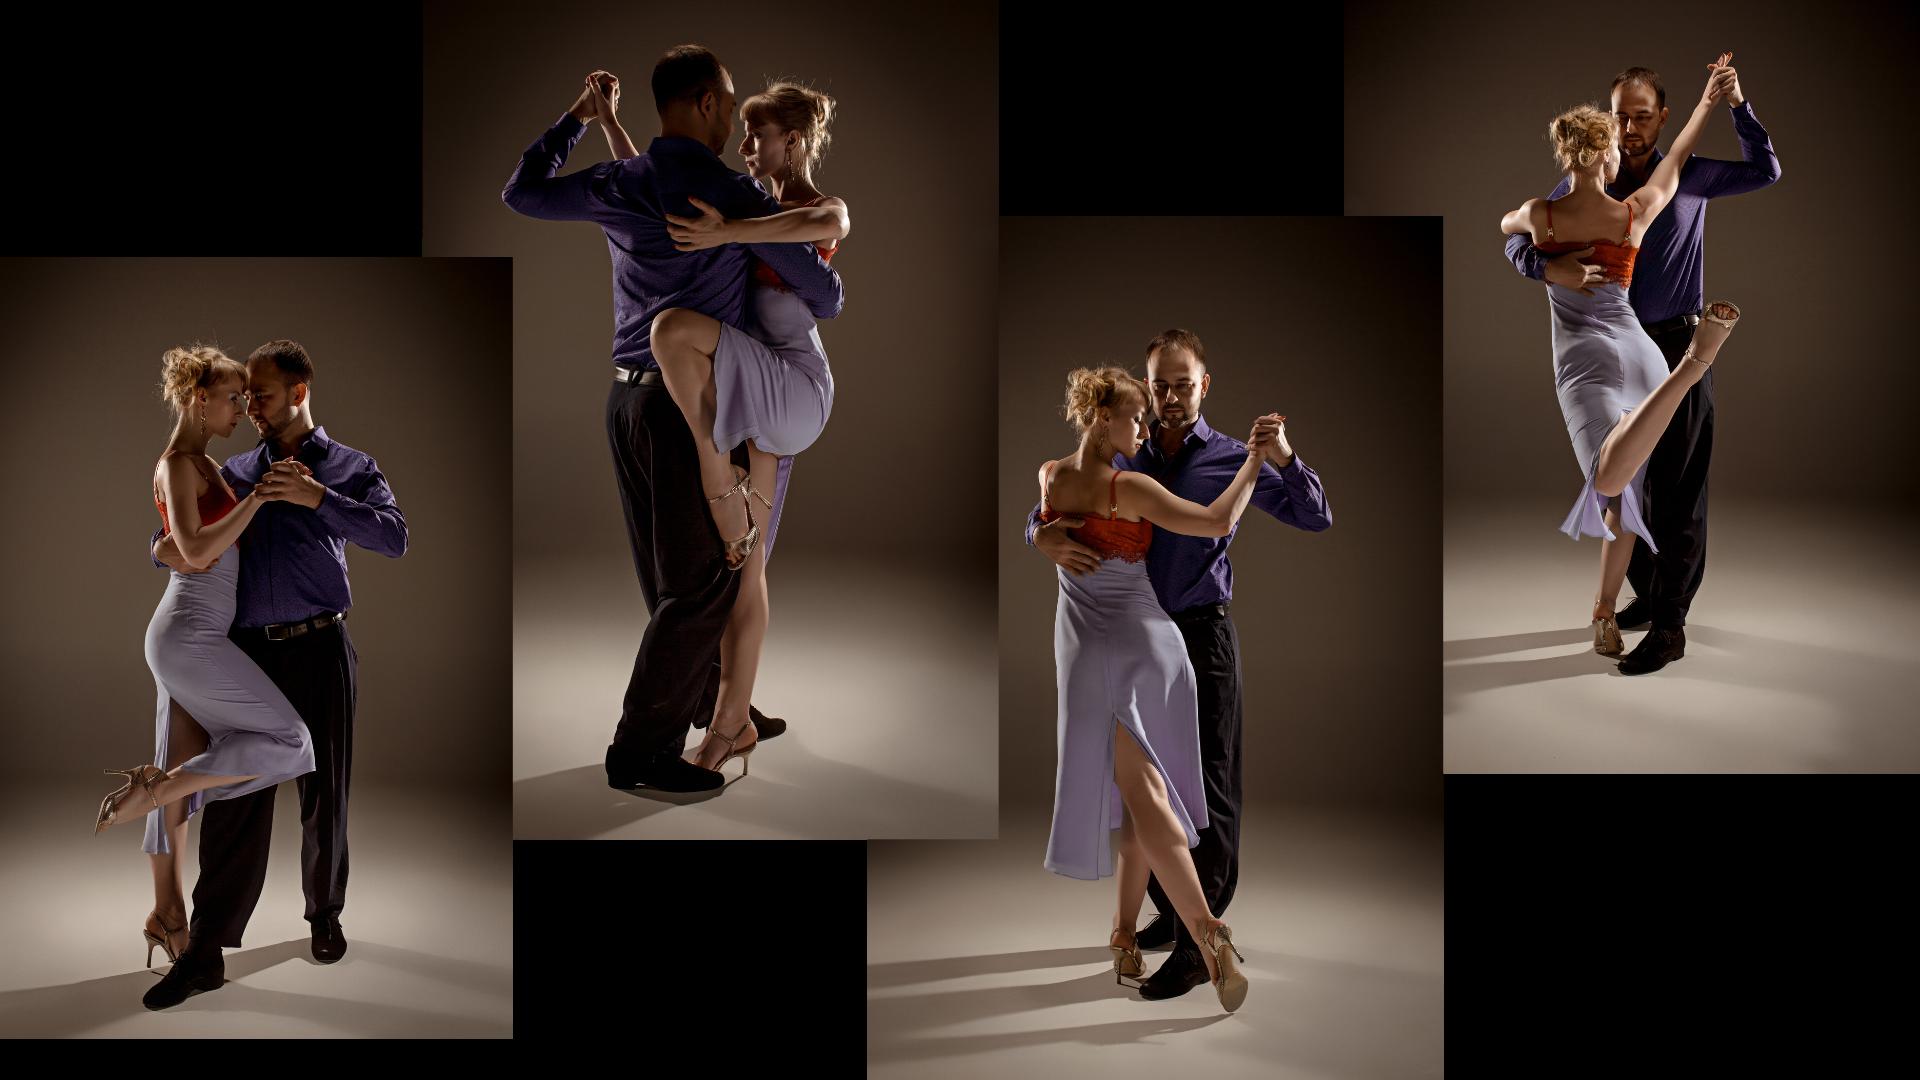 Varias imagines de una pareja bailado tango argentino